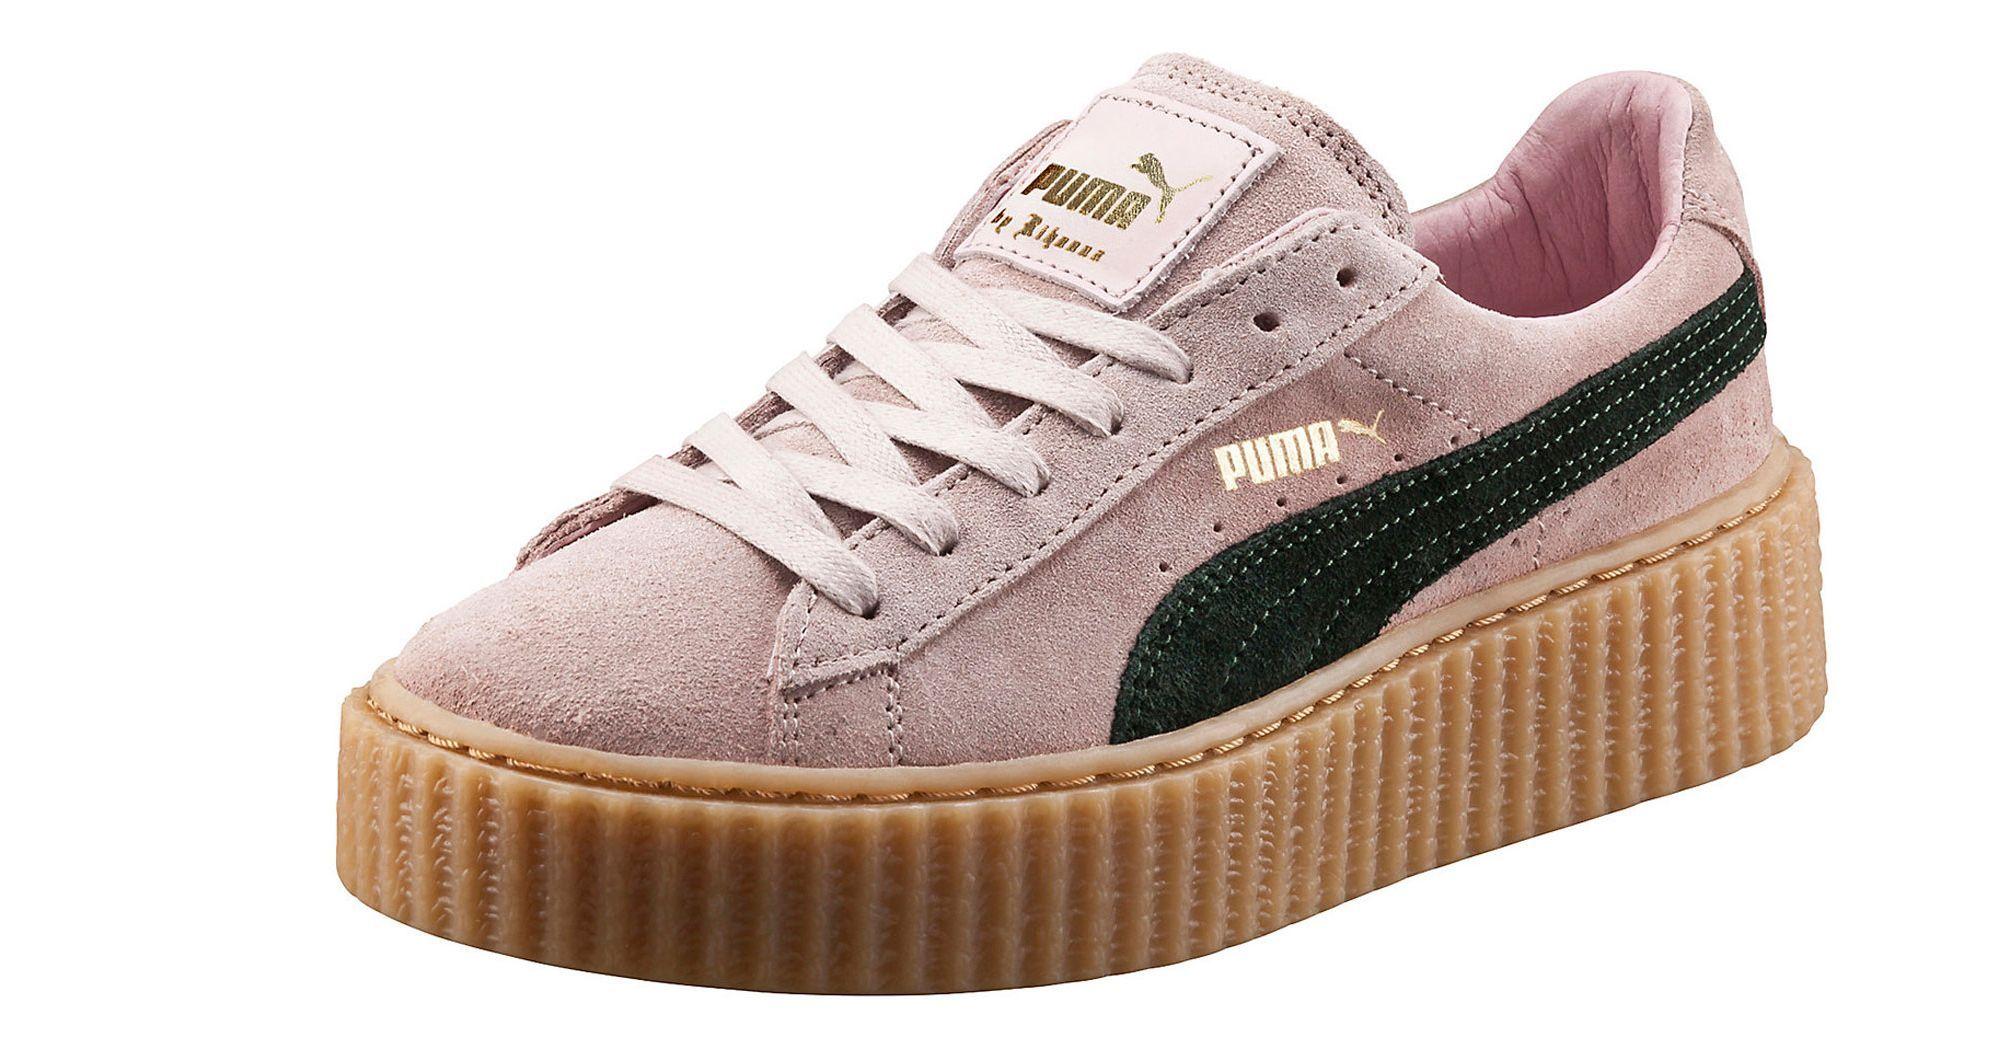 E' una sneakers la scarpa dell'anno